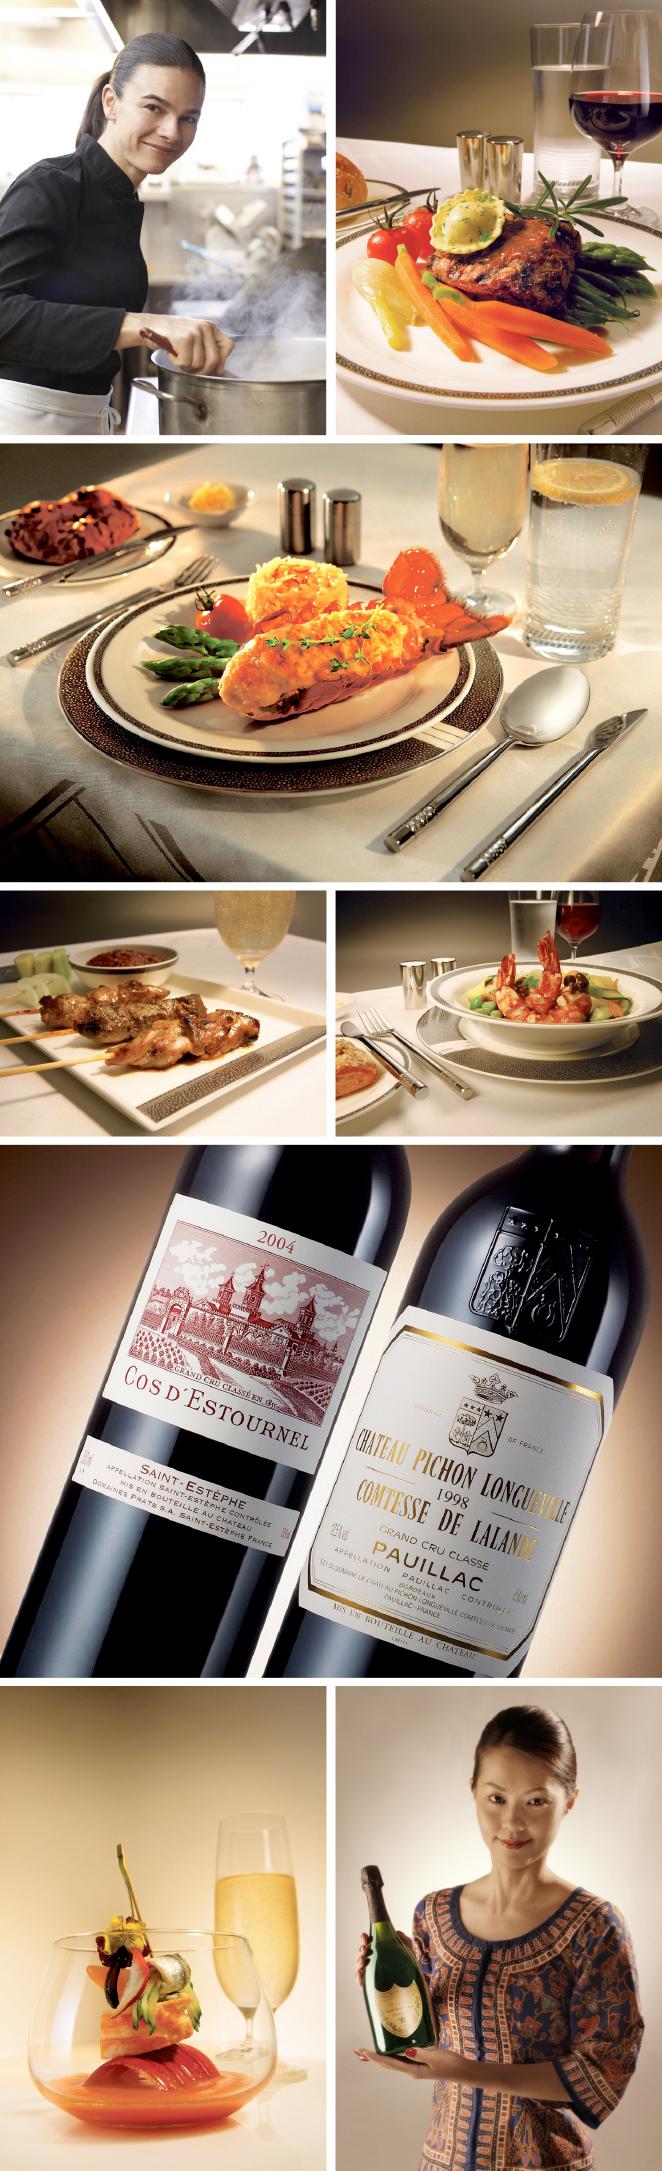 La tripulación está muy bien entrenada en el arte de servir la mesa, hace que el servicio de catering de Singapore Airlines sea todo un lujo